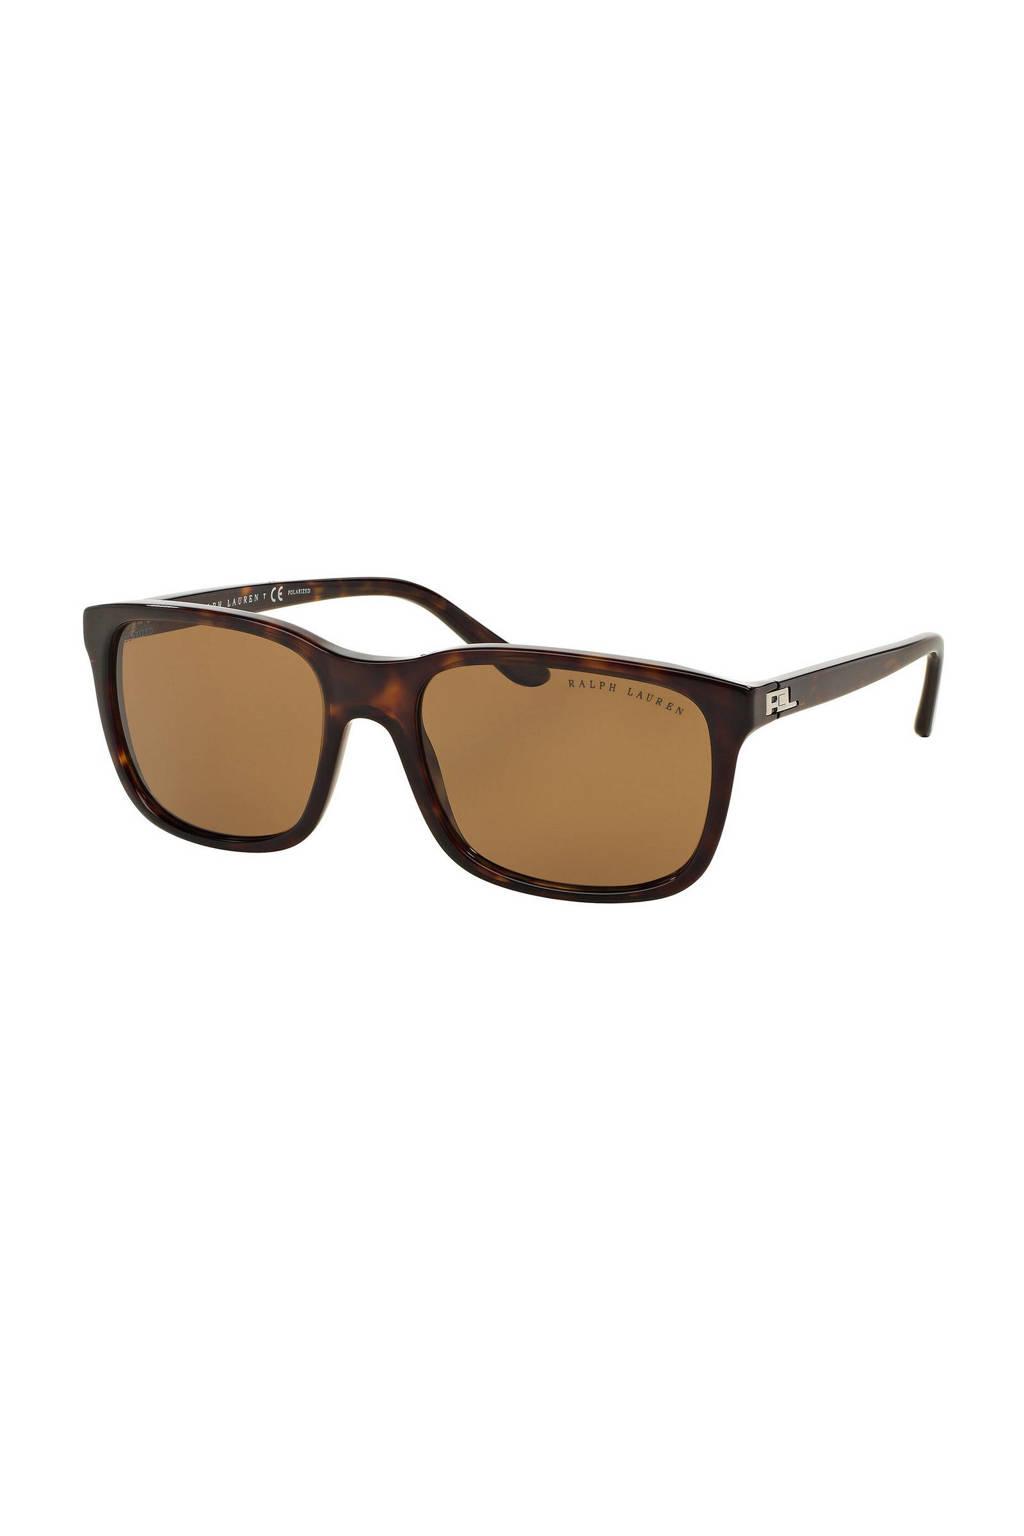 Ralph Lauren zonnebril 0RL8142